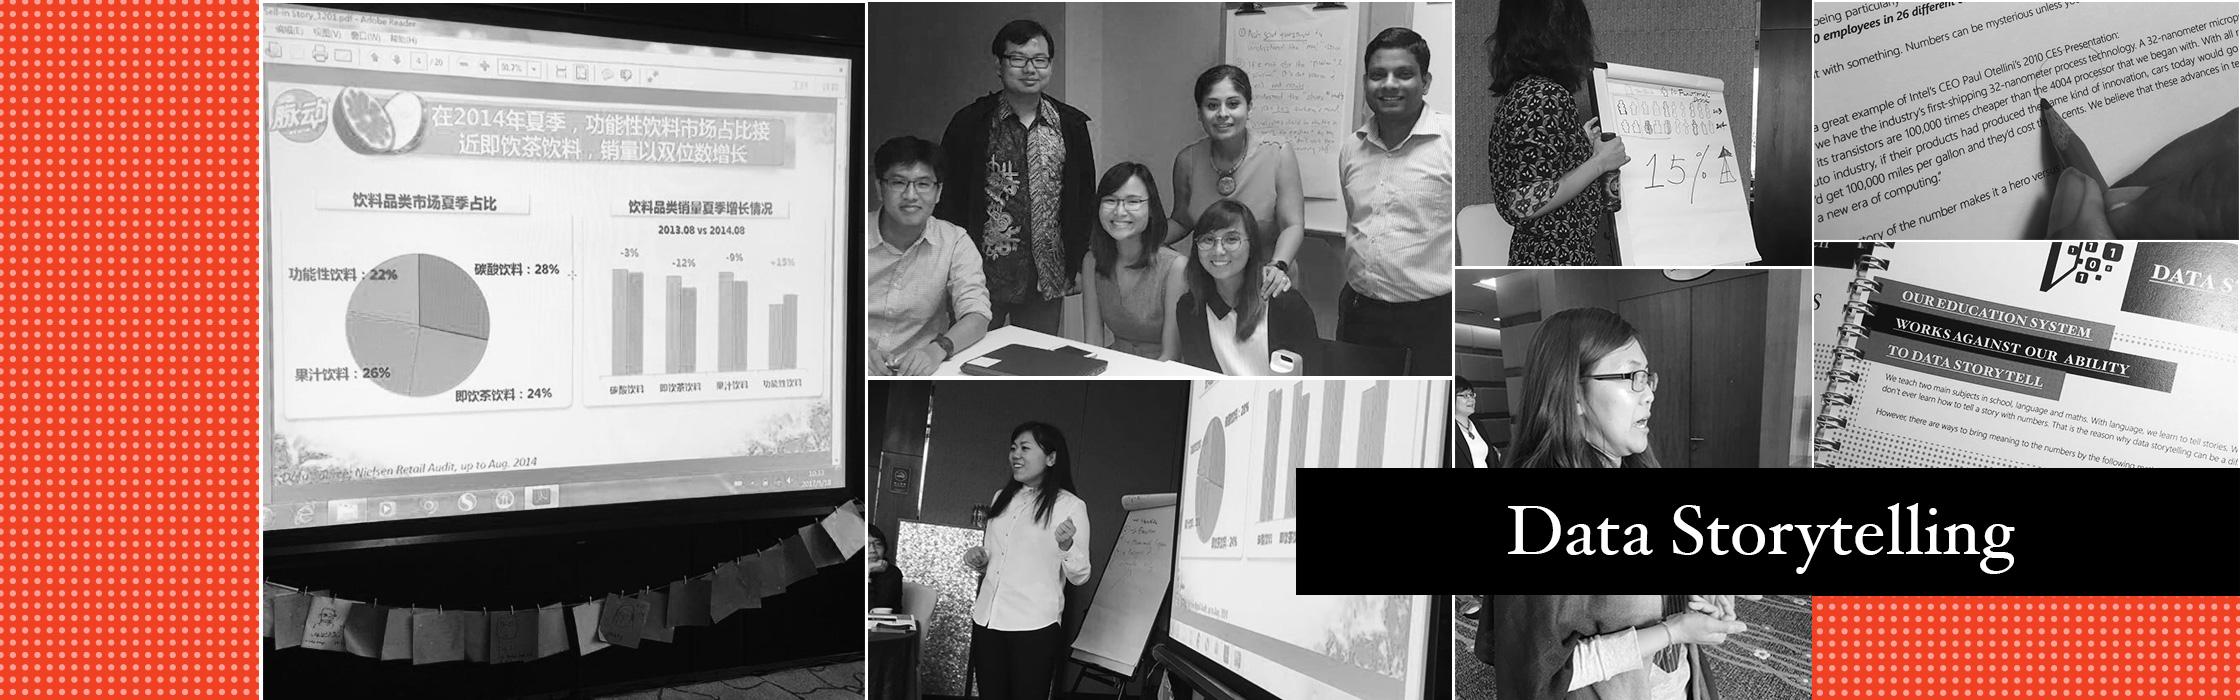 Sales Storytelling Training Workshop Singapore Malaysia